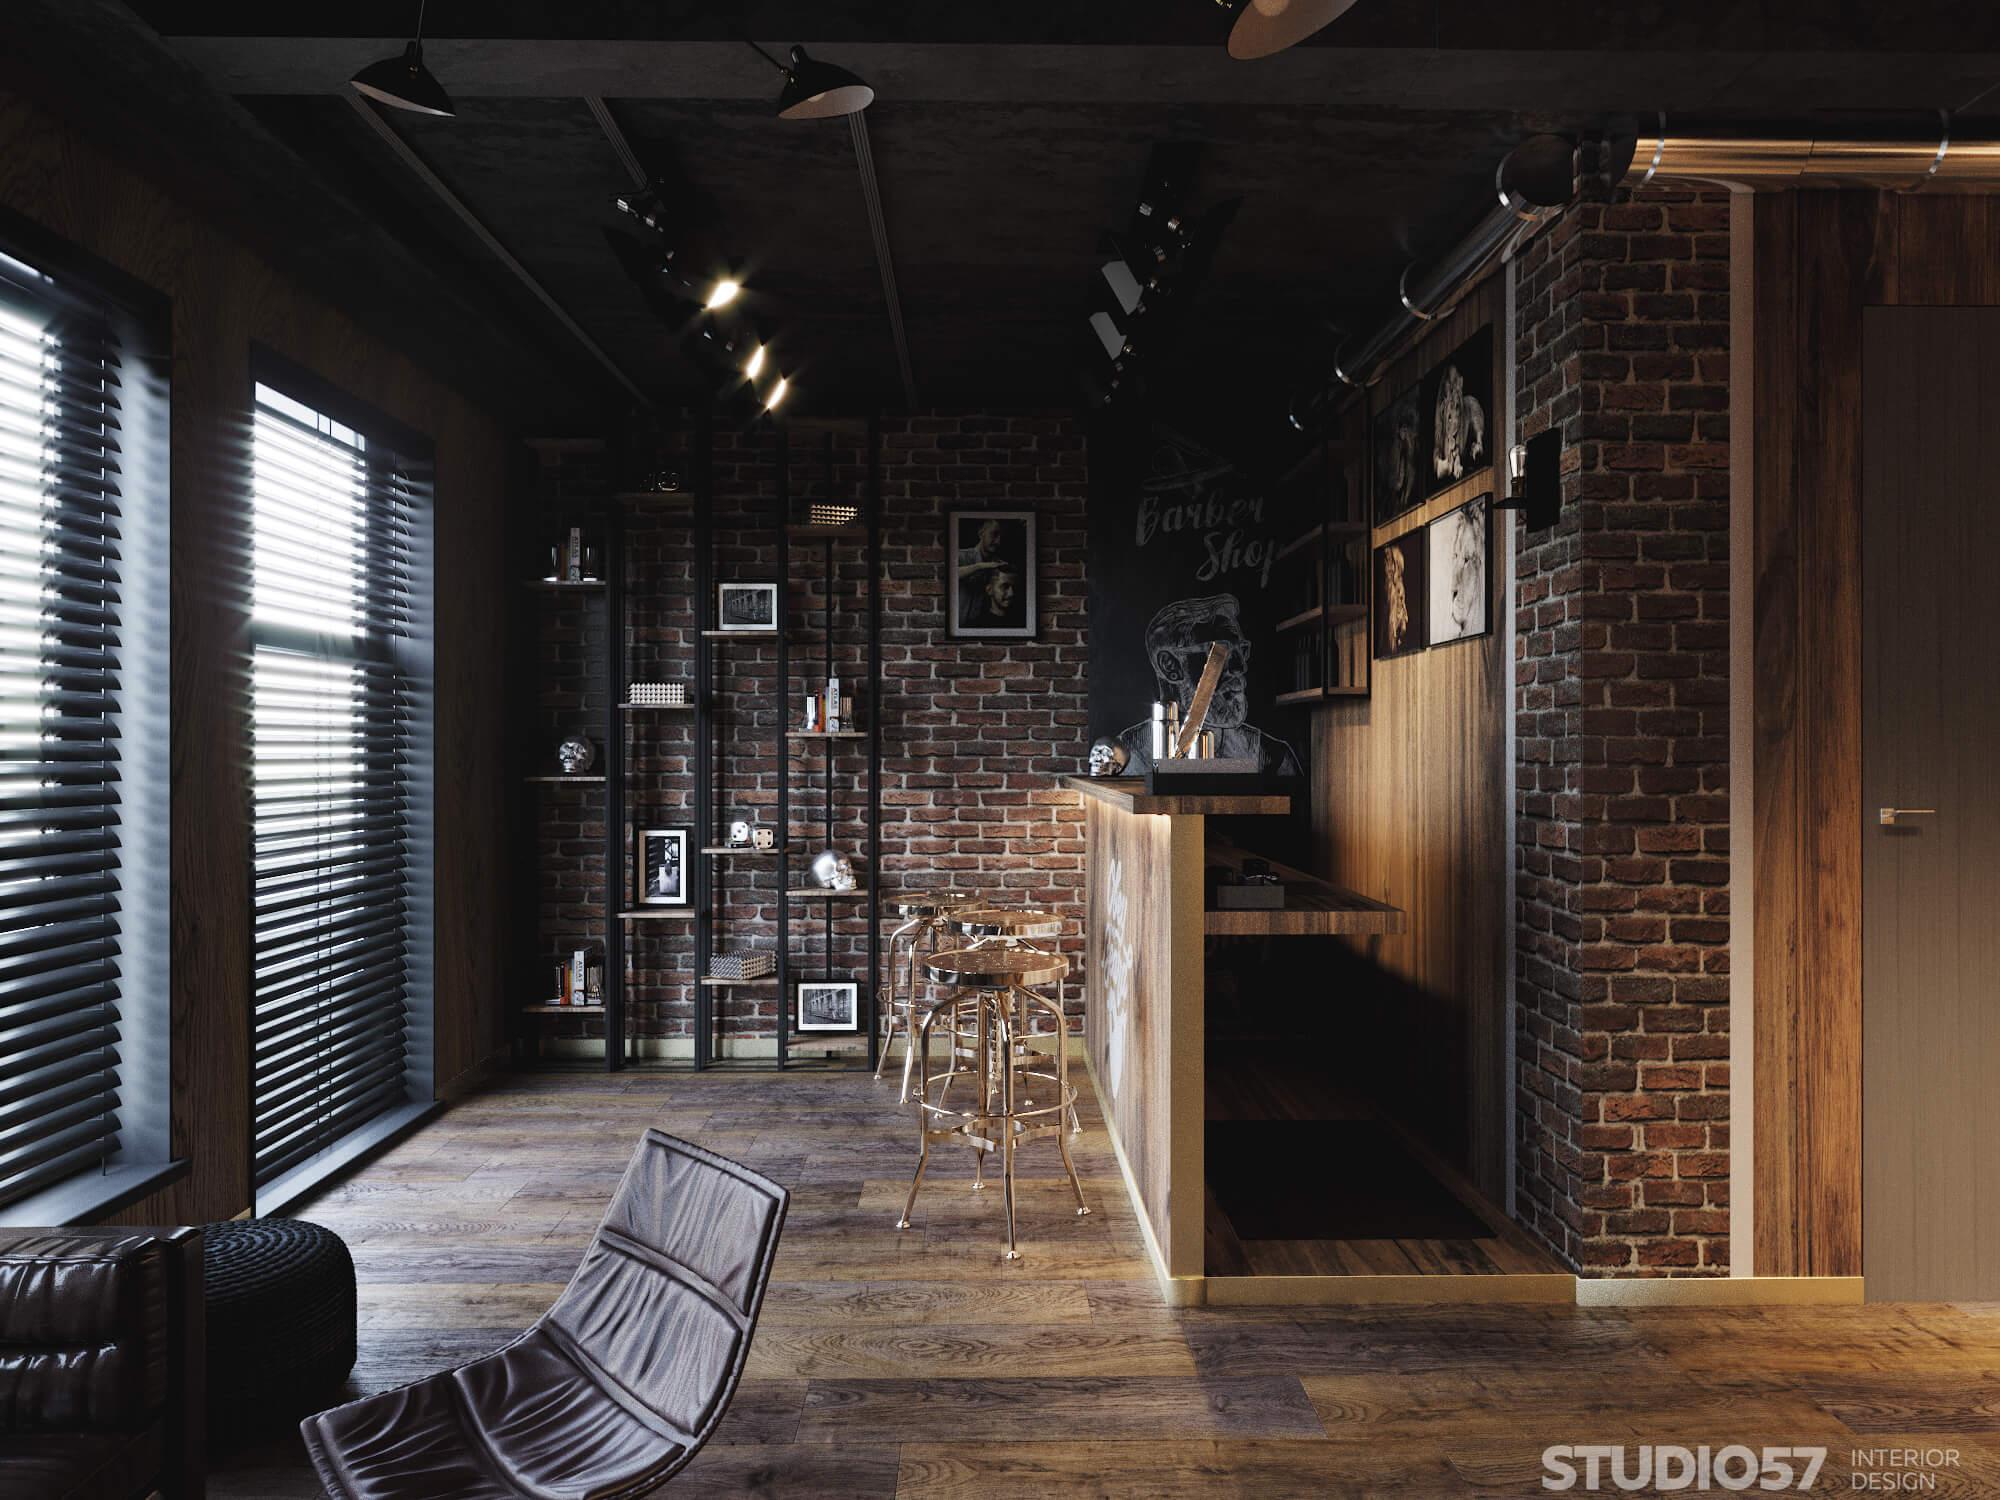 Мужской зал в парикмахерских дизайн интерьера фото